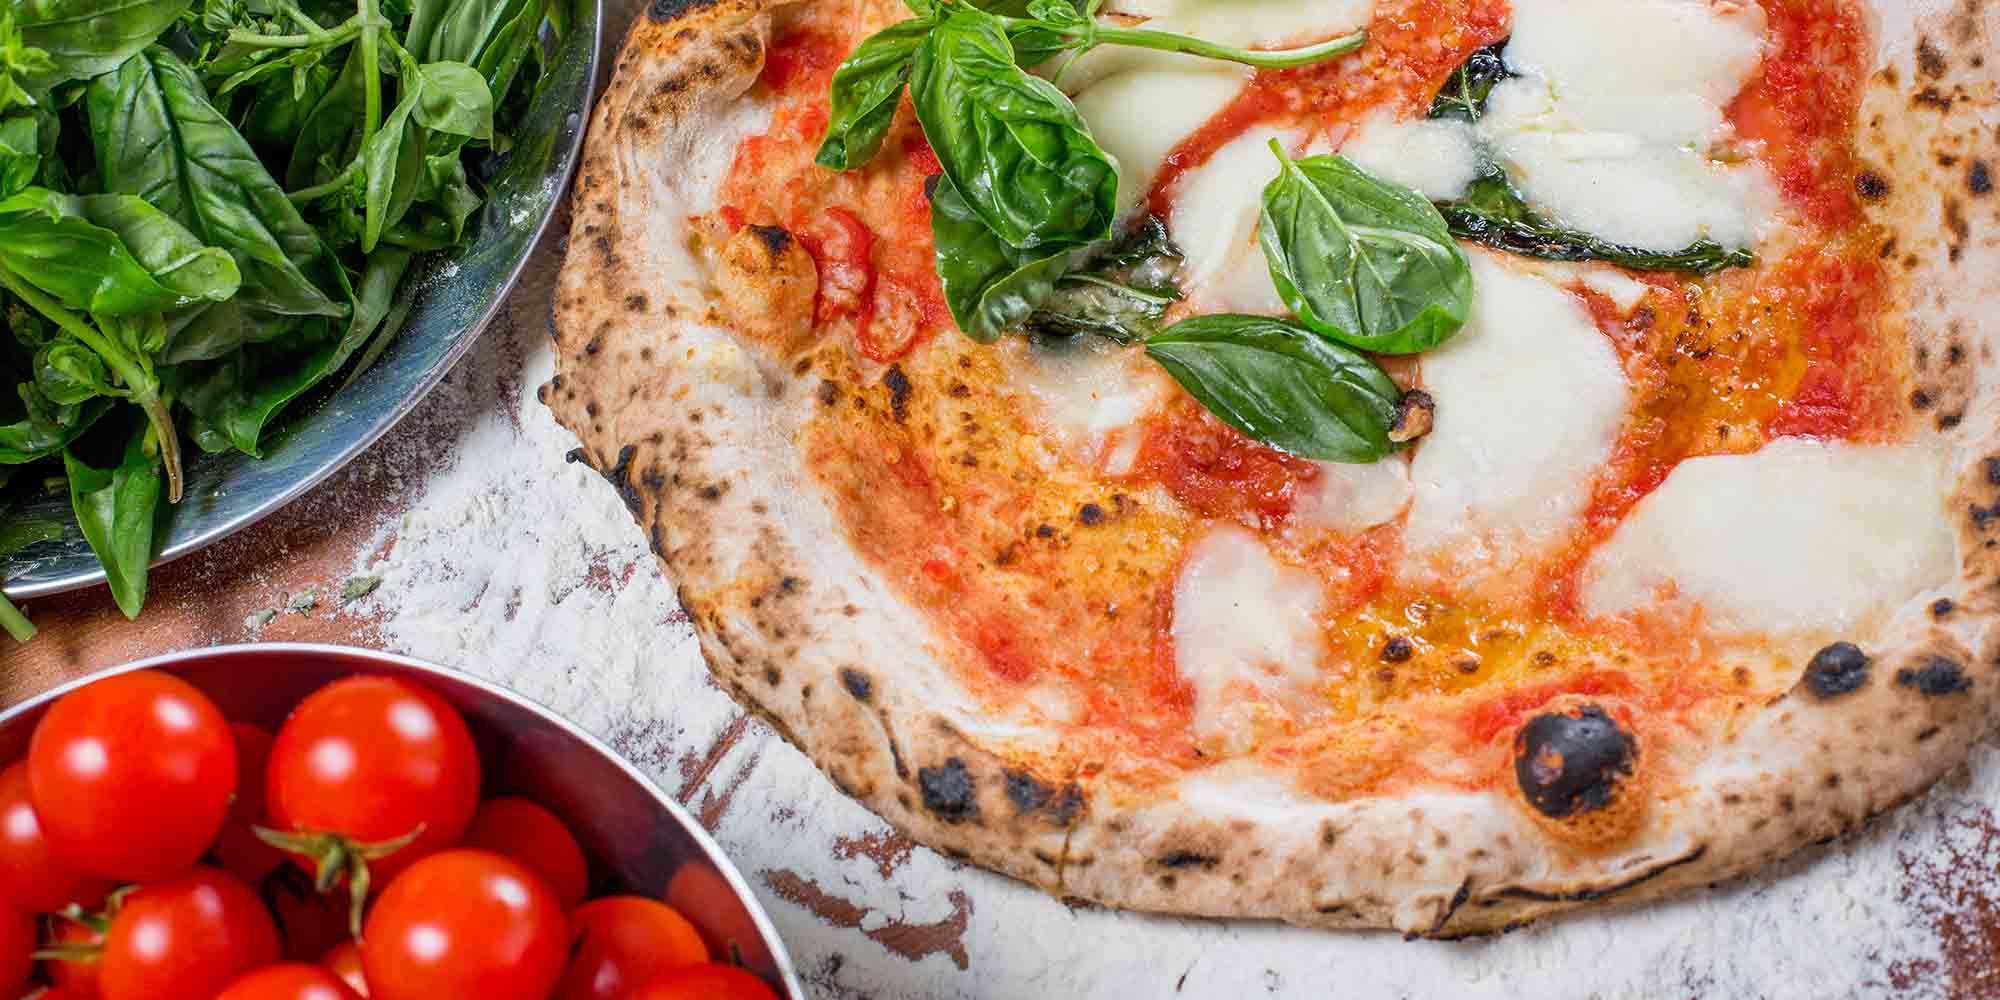 Pizza con formaggio spinaci e pancetta a Messina